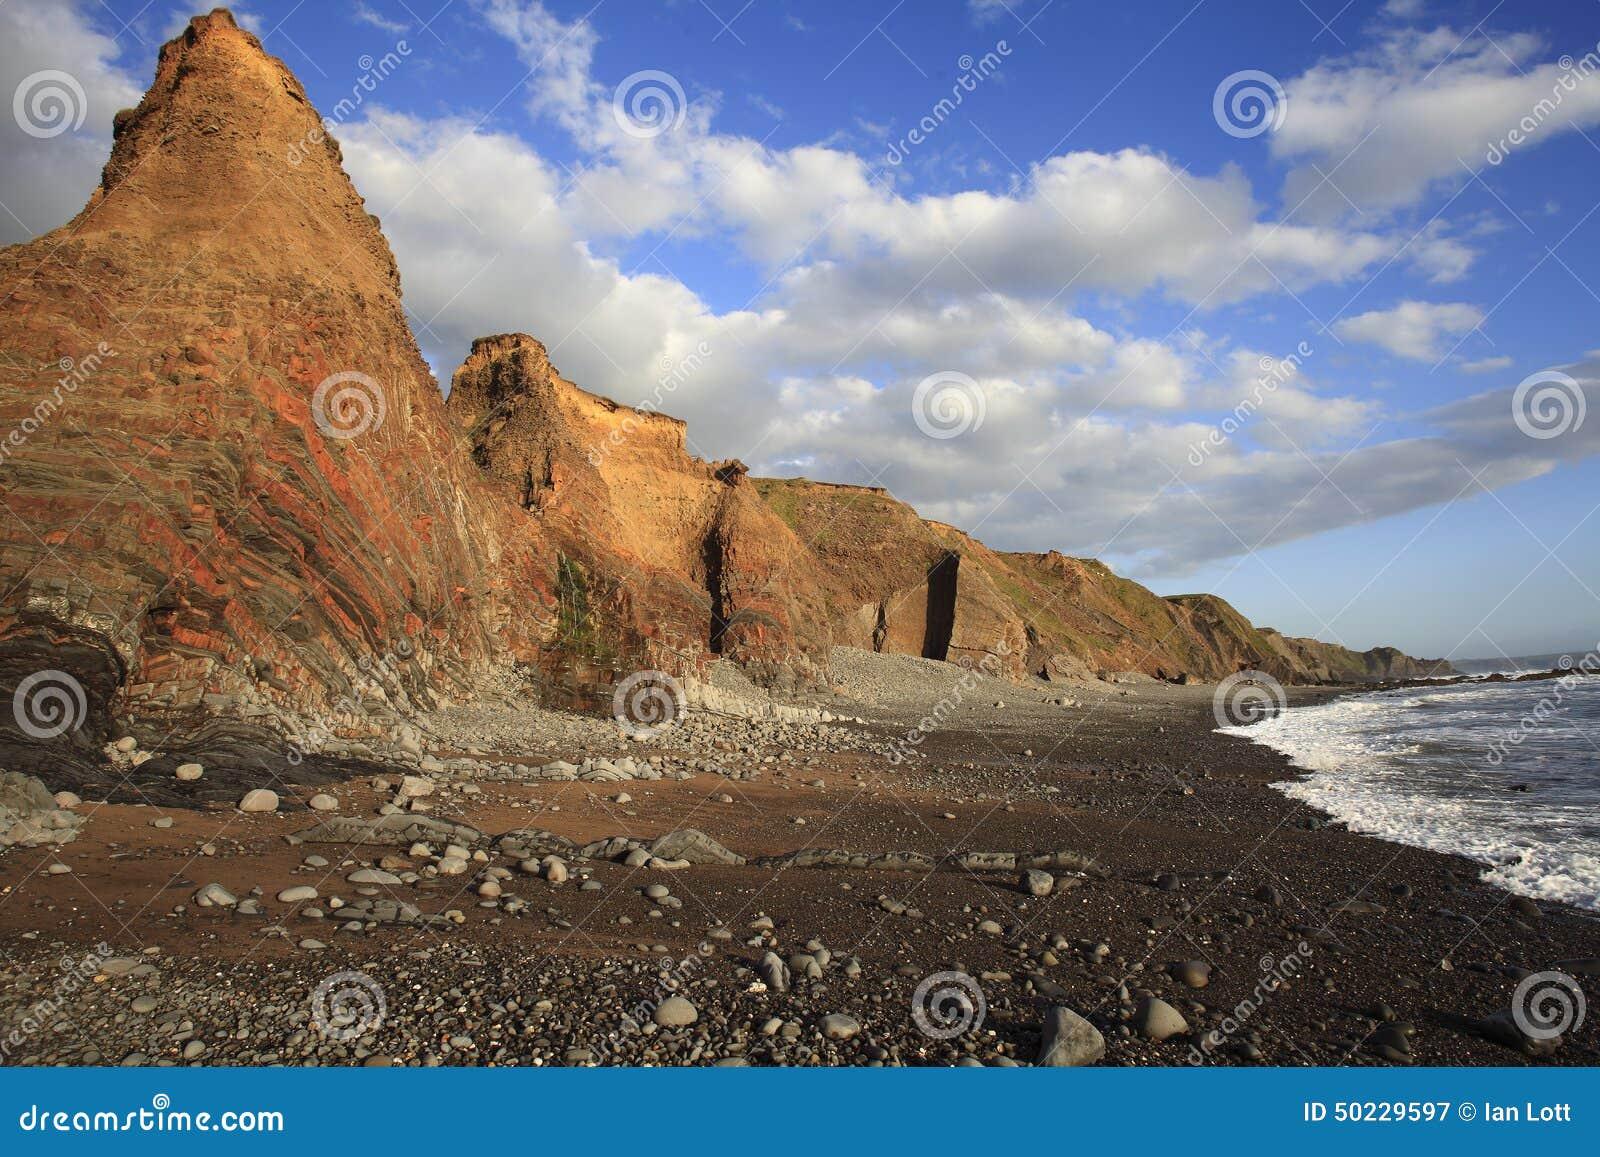 Duckpool-Strandüberschrift in Richtung zum bude Cornwall Großbritannien